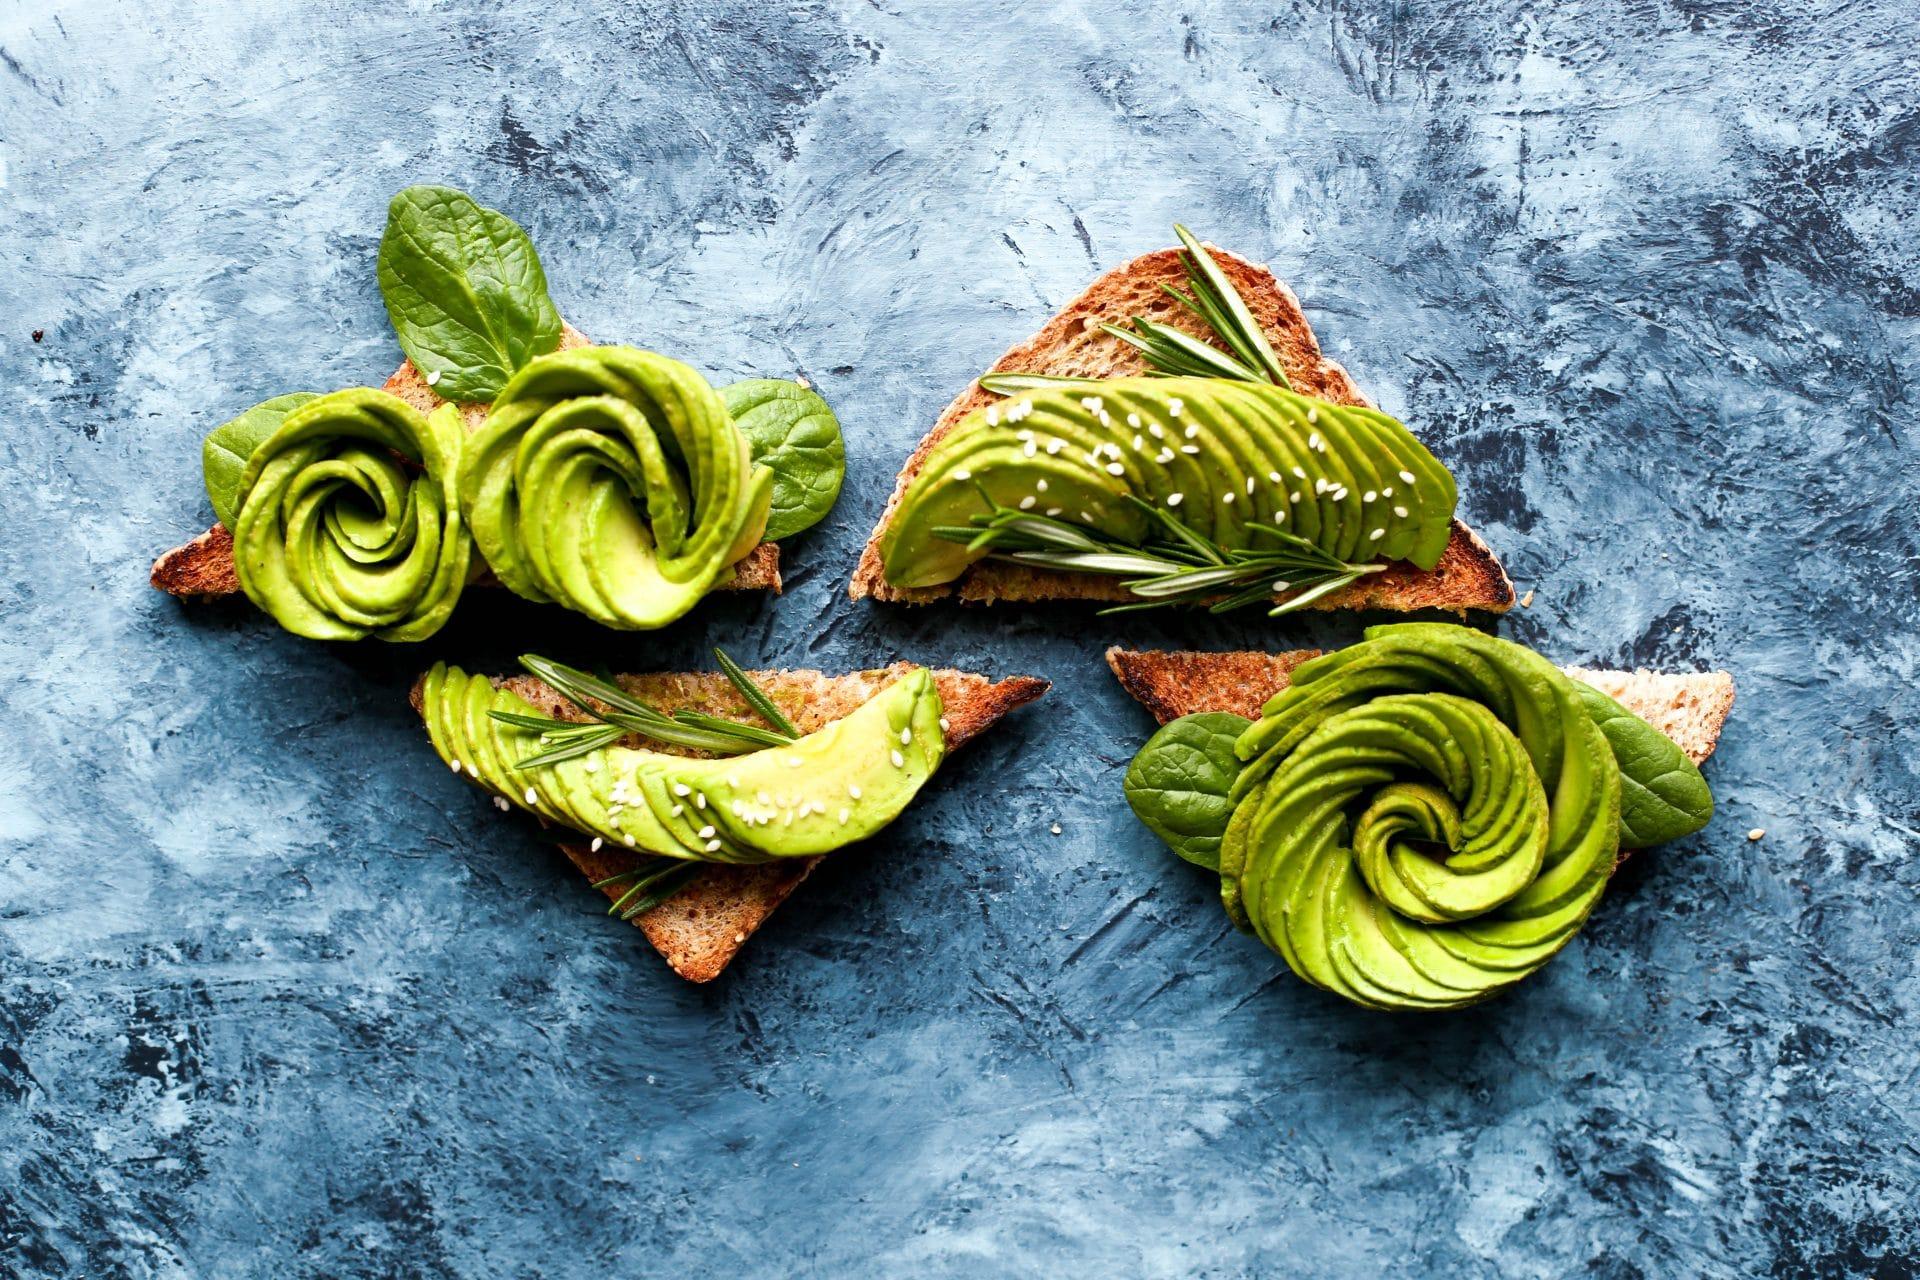 Nem étel, hanem életforma… Ide nekem az avokádós pirítósom! - Dining Guide